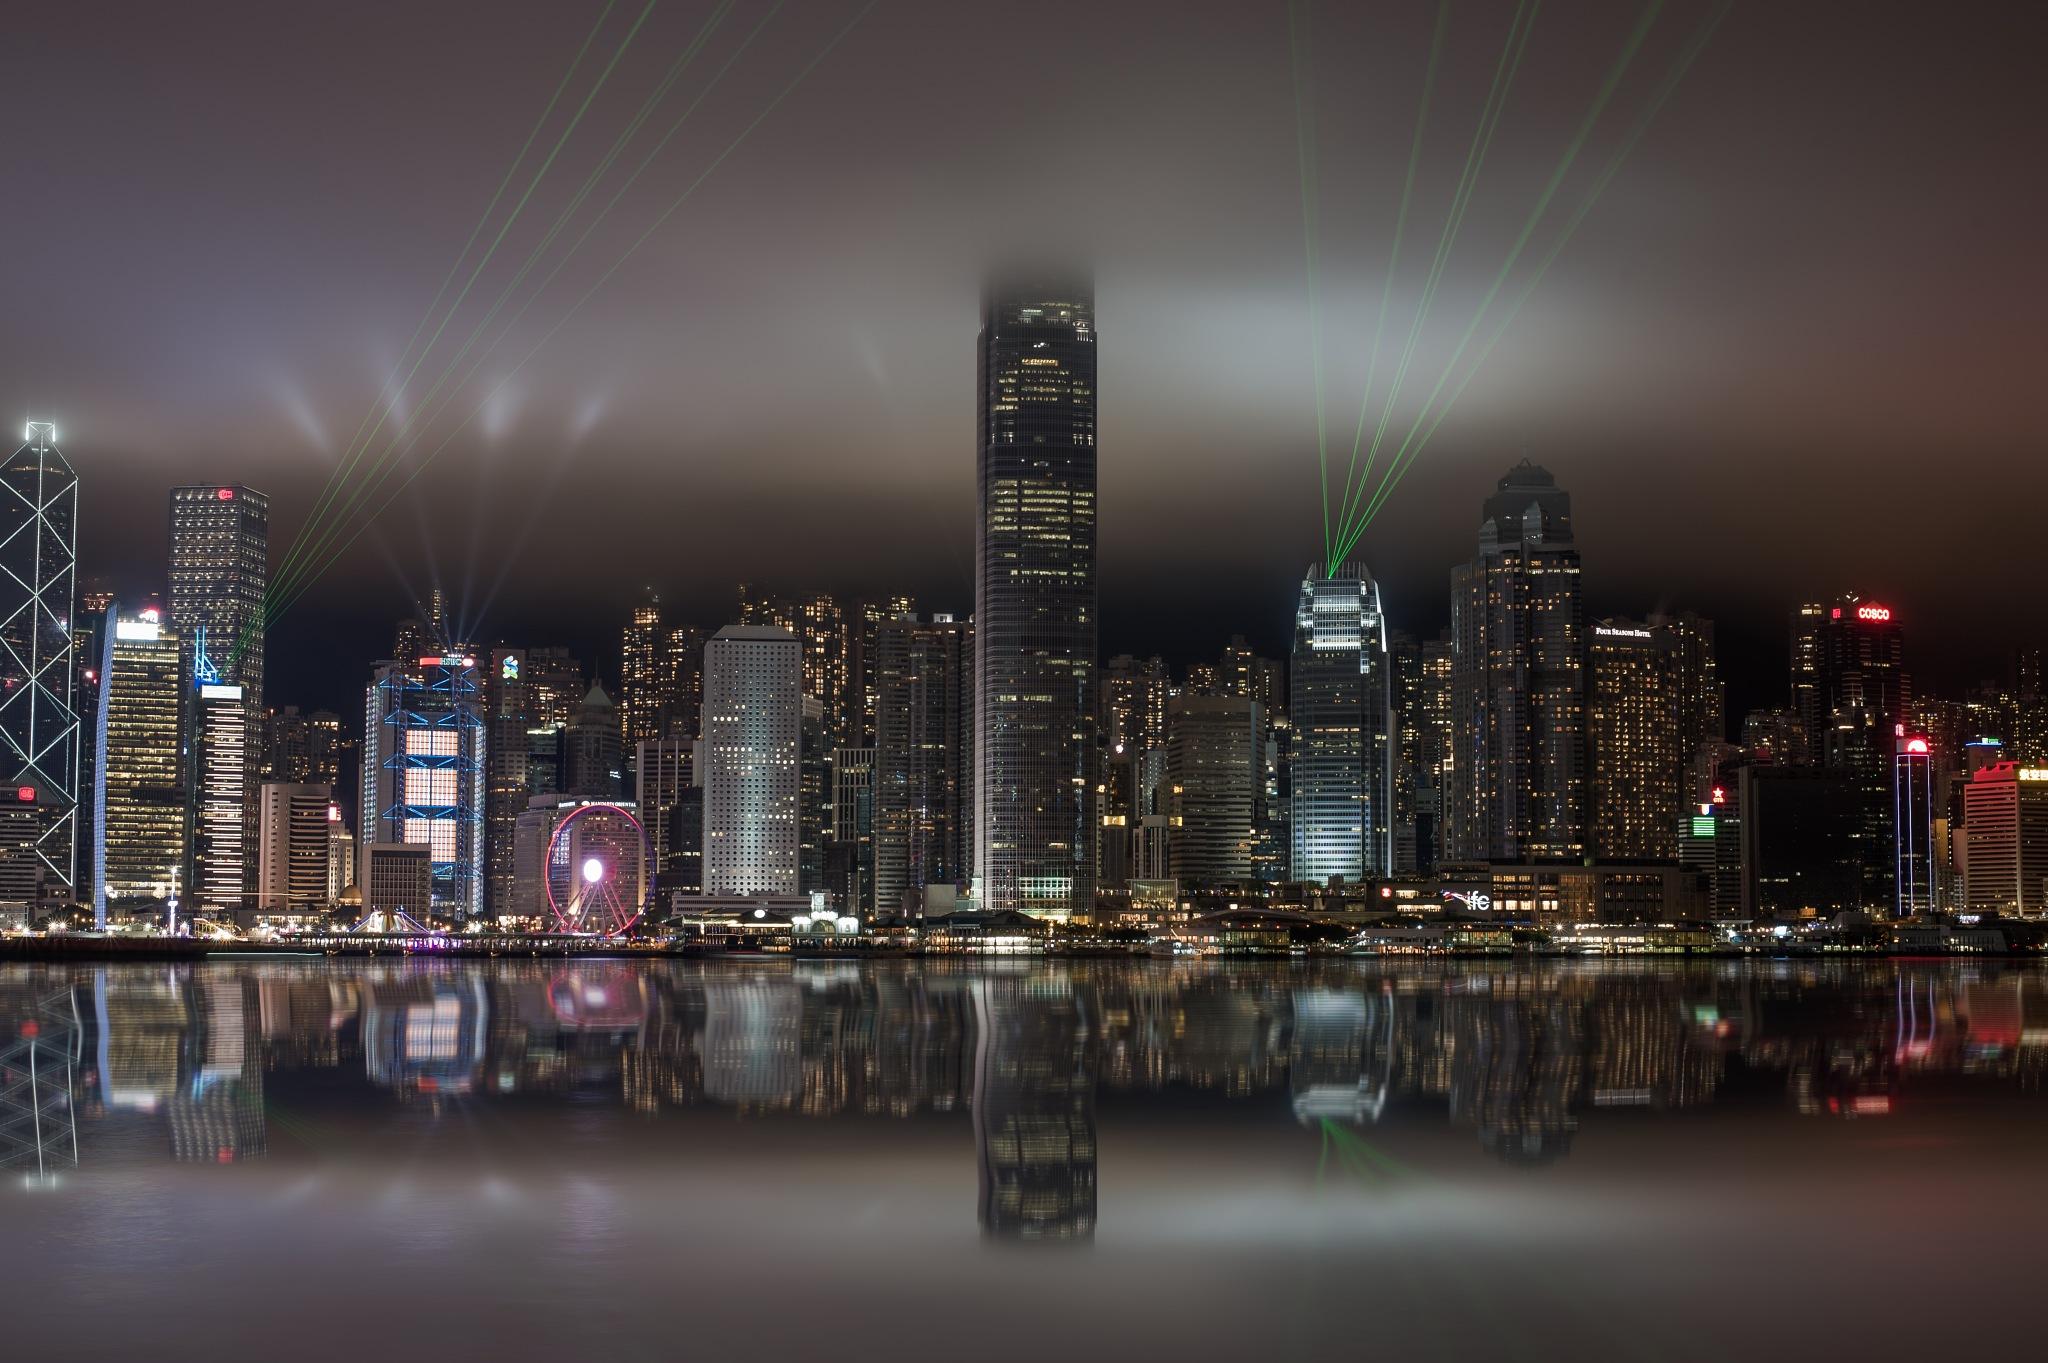 Laser Show in Hong Kong by Anton Kogan